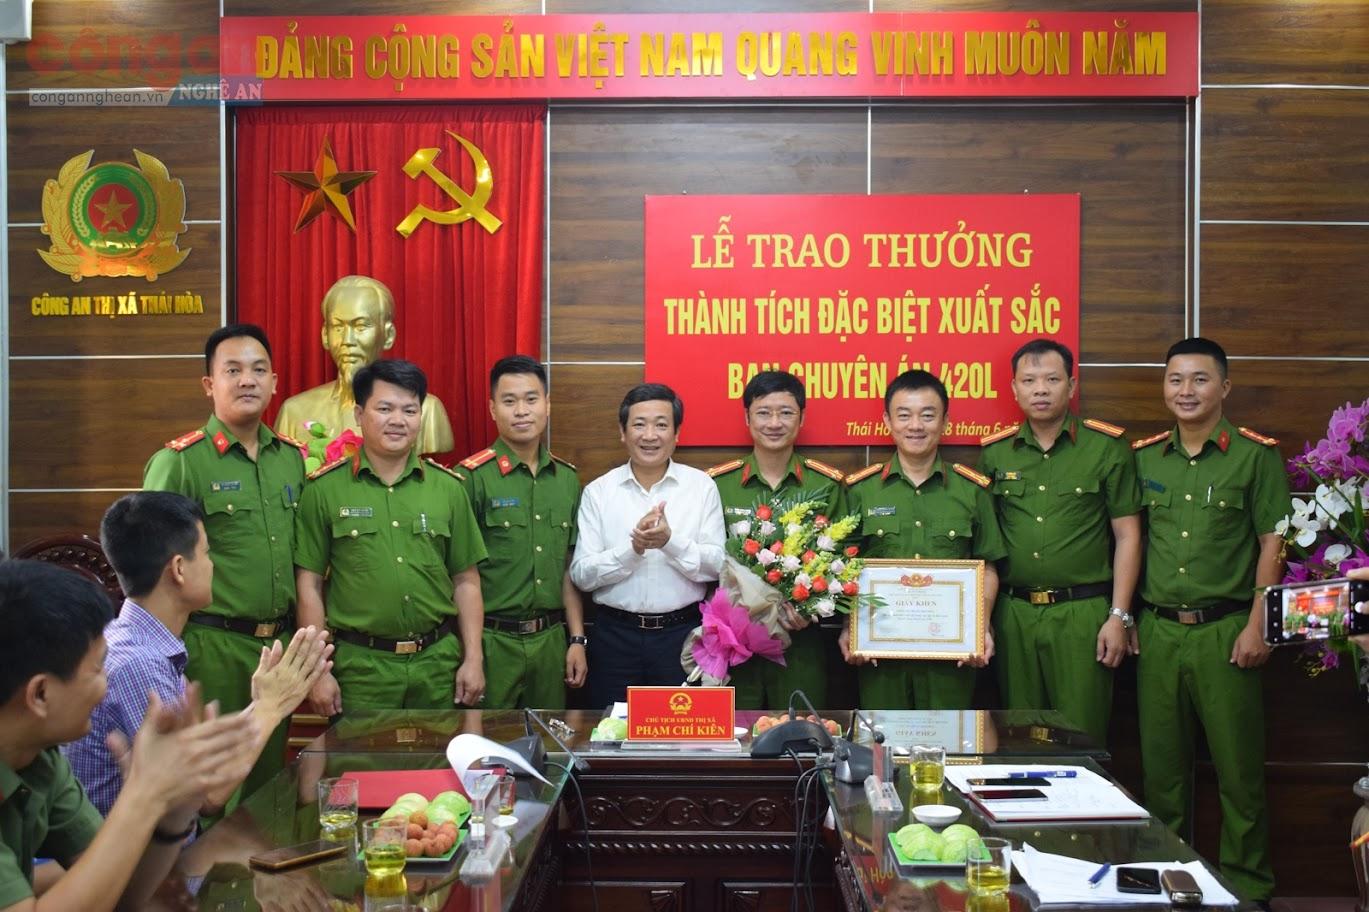 Lãnh đạo UBND TX Thái Hòa trao thưởng cho Ban chuyên án